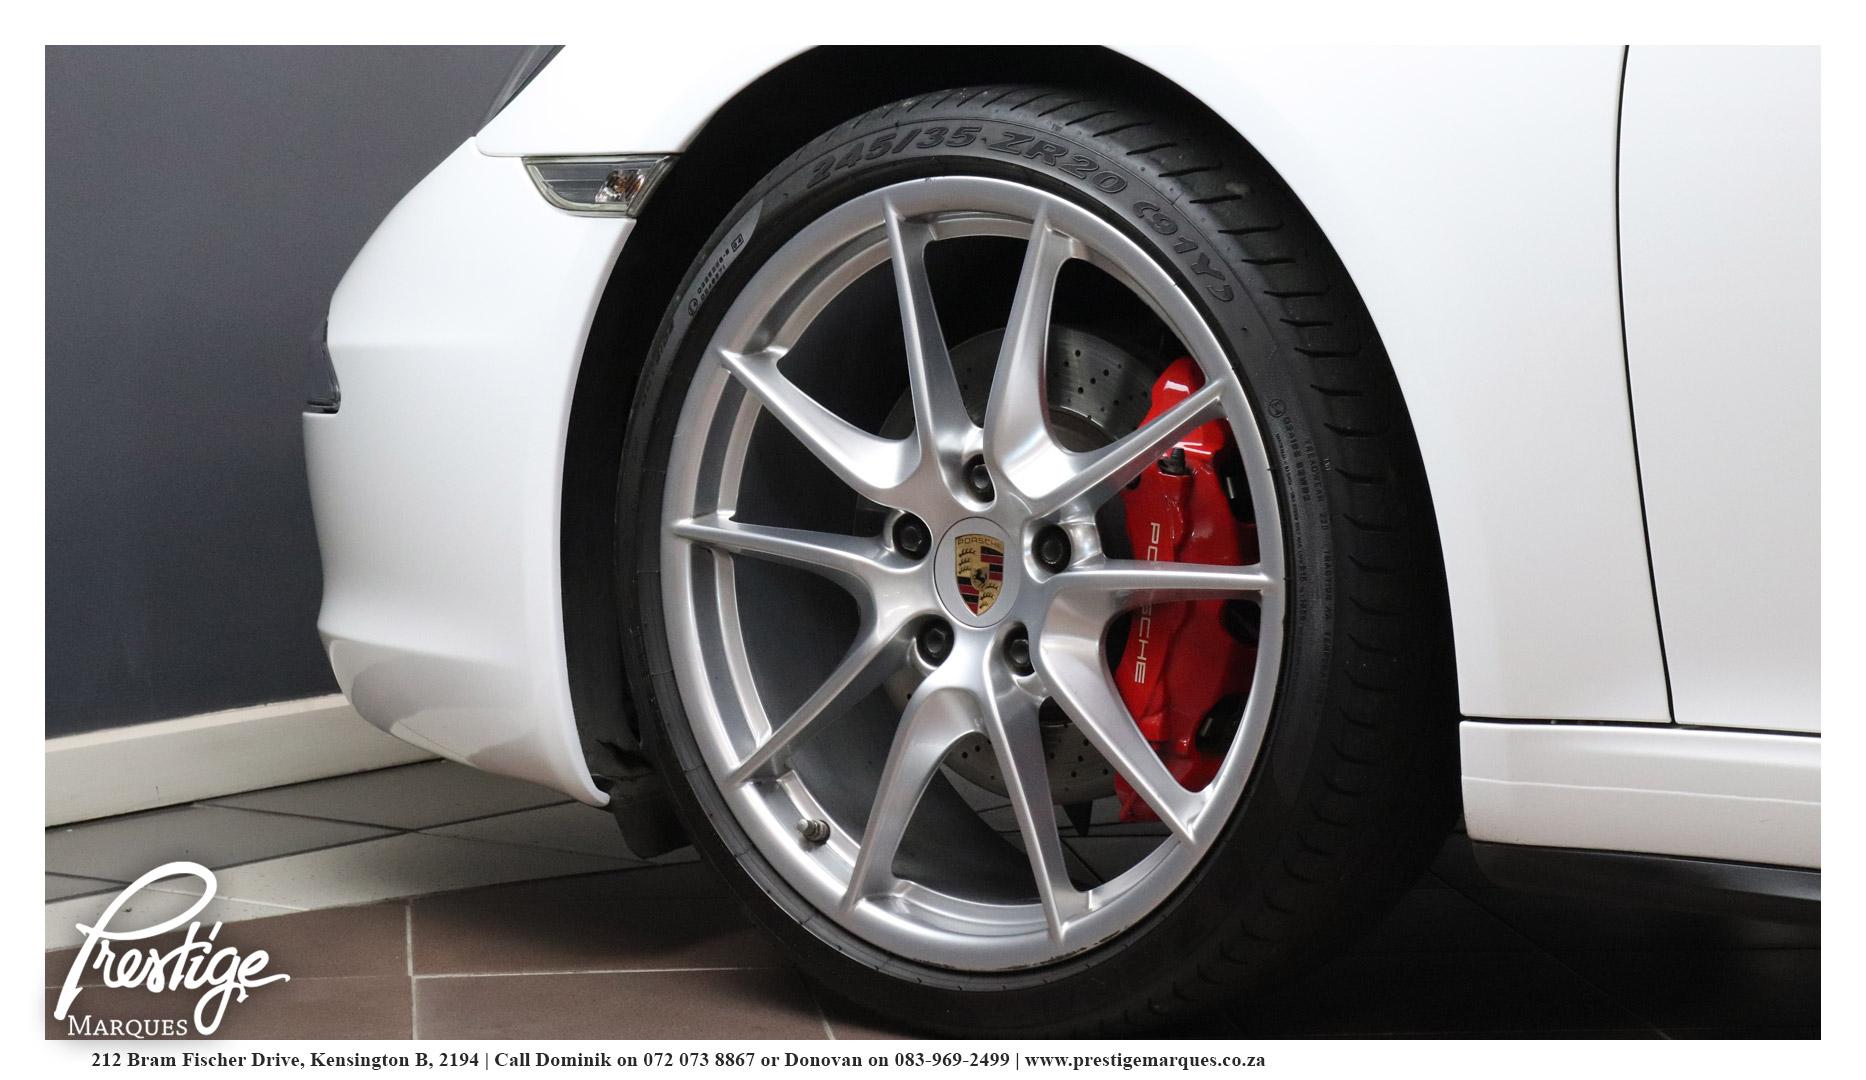 2013-Porsche-911-991-Carrera-4s-PDK-Cabriolet-Prestige-Marques-Randburg-Sandton-17